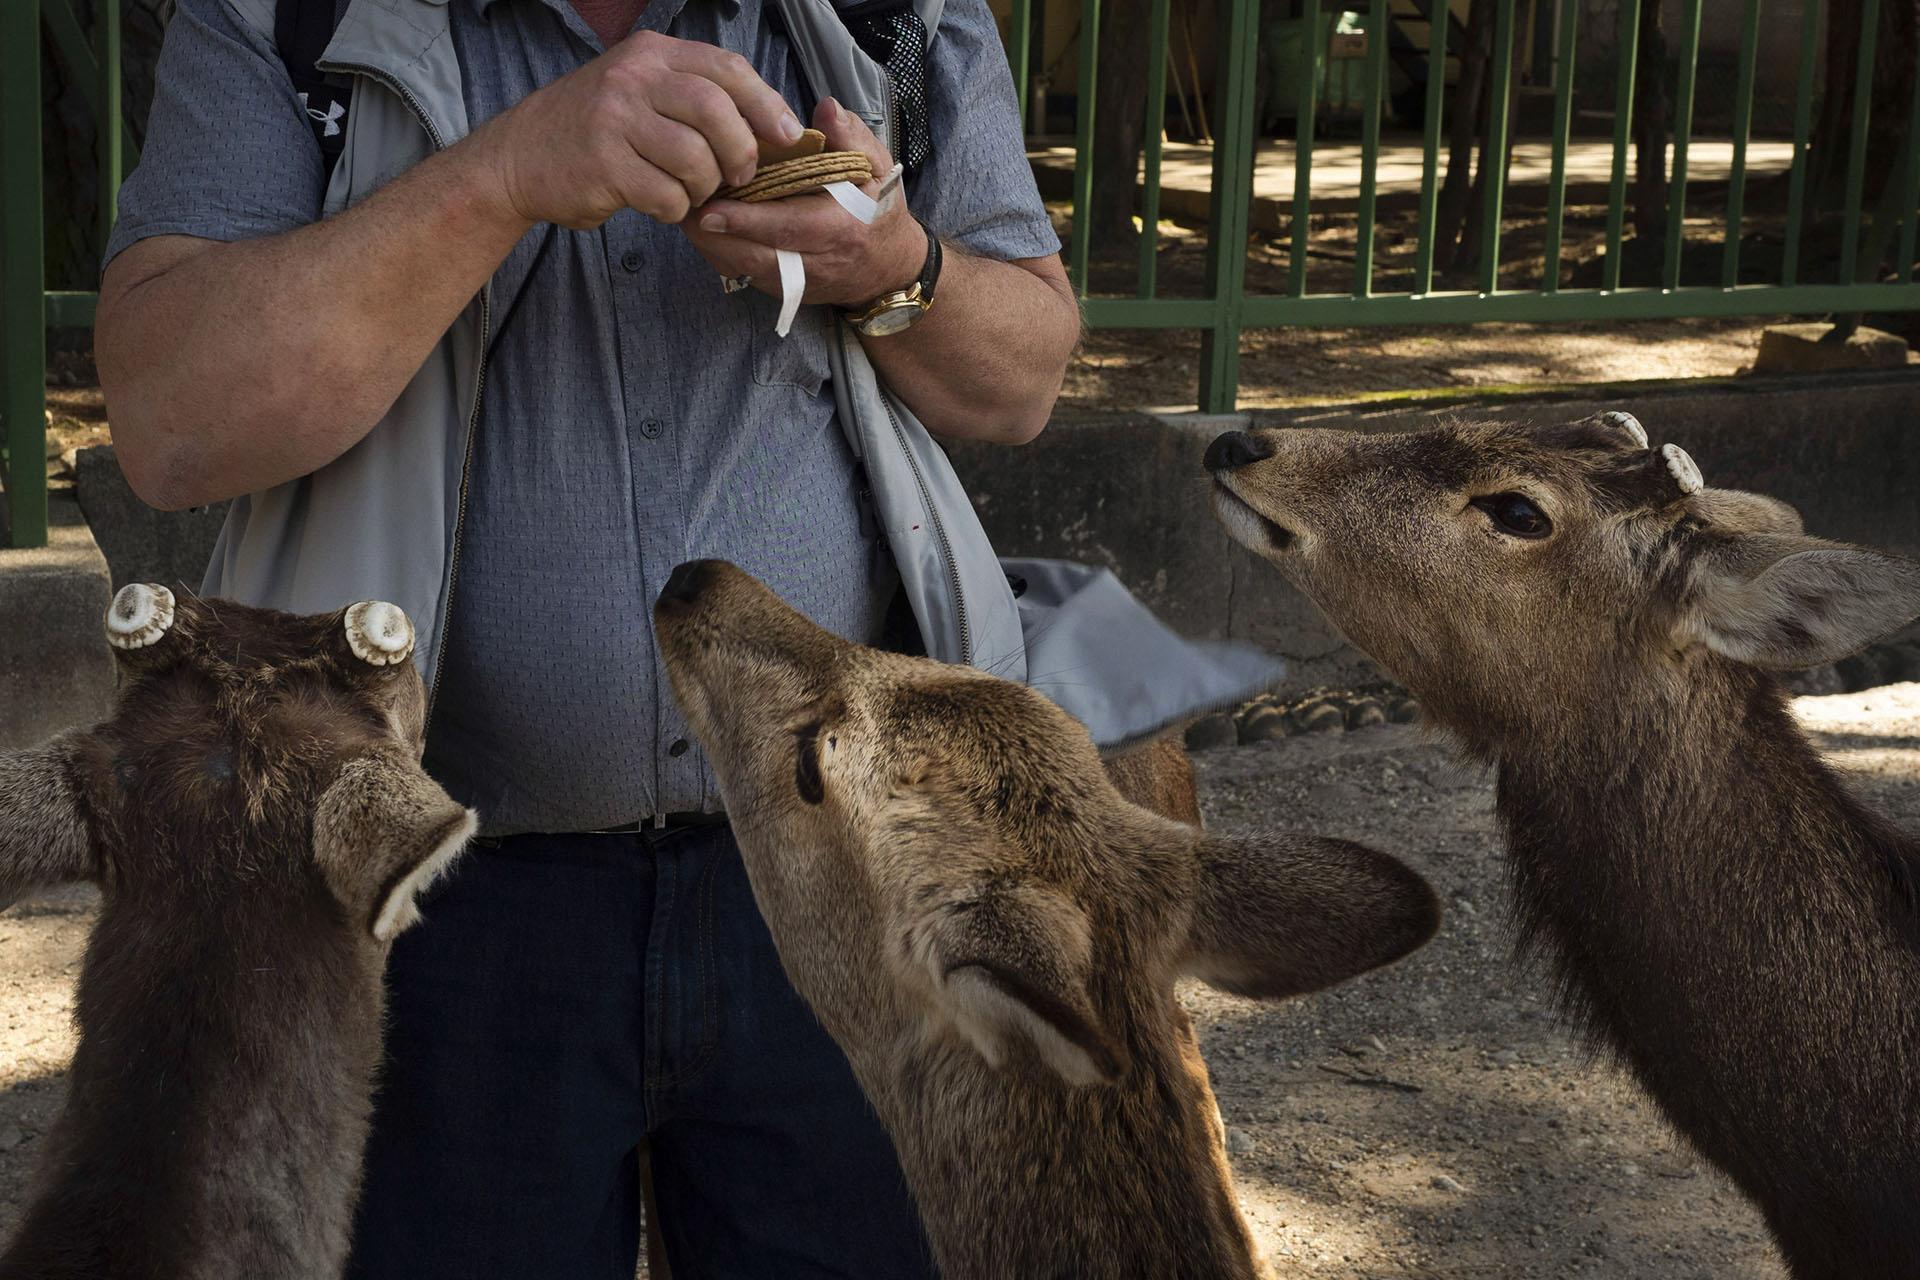 Un turista alimenta galletas, trata principalmente con harina de trigo y salvado de arroz, en Nara. Más de 1000 ciervos deambulan libres en la antigua capital de Japón. A pesar de la disminución del turismo en la ciudad, estos animales salvajes están bien sin golosinas de los turistas, según un grupo de protección de venados (Foto AP / Jae C. Hong)